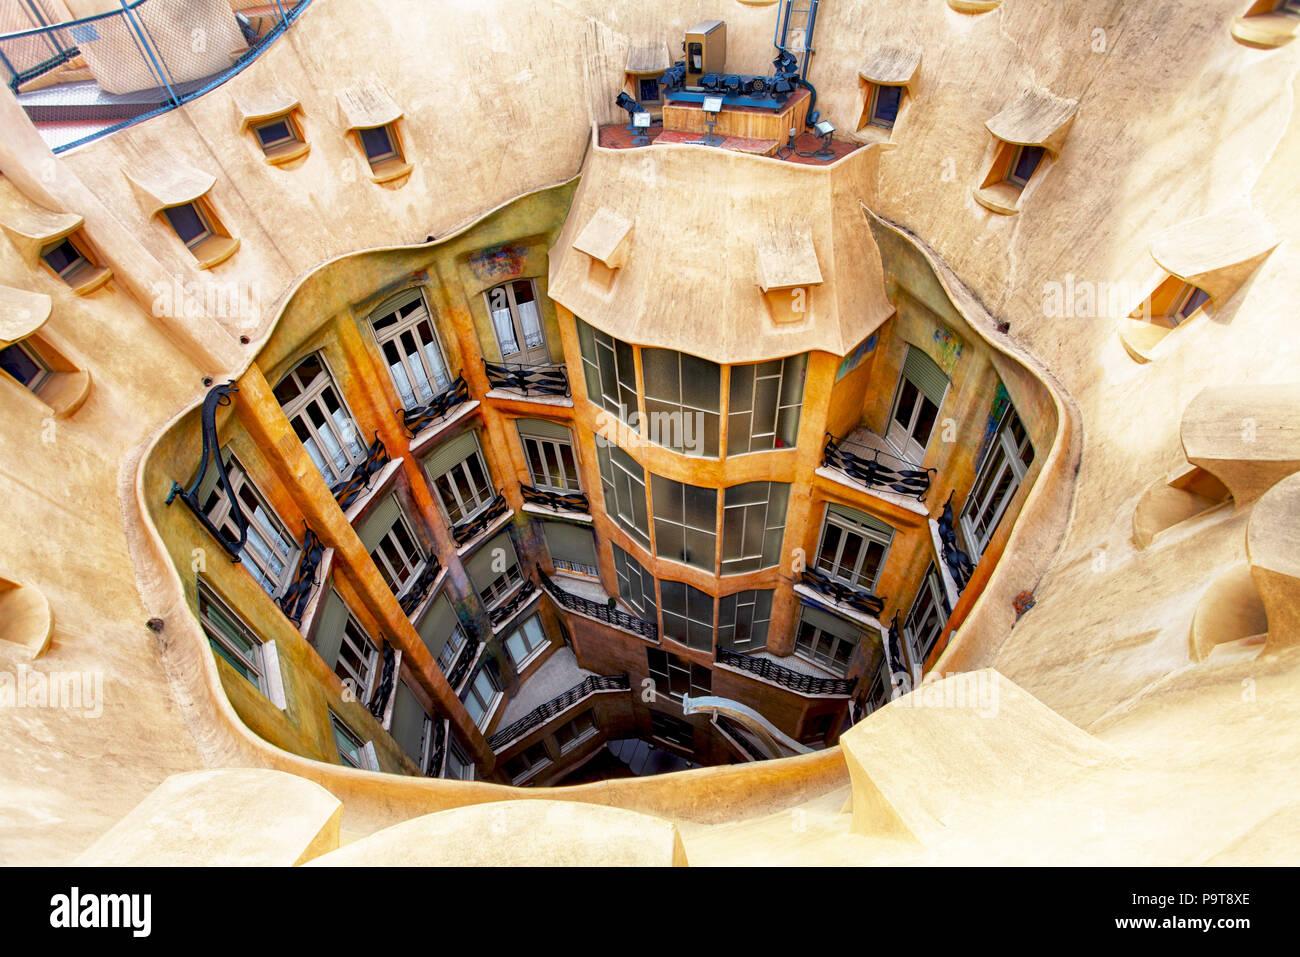 Barcellona, Spagna - 9 febbraio 2016: Primo Piano della Casa Mila (La Pedrera a Barcellona, in Catalogna. La casa fu costruita nel 1905 a 1910 dall'architetto Catalano un Immagini Stock